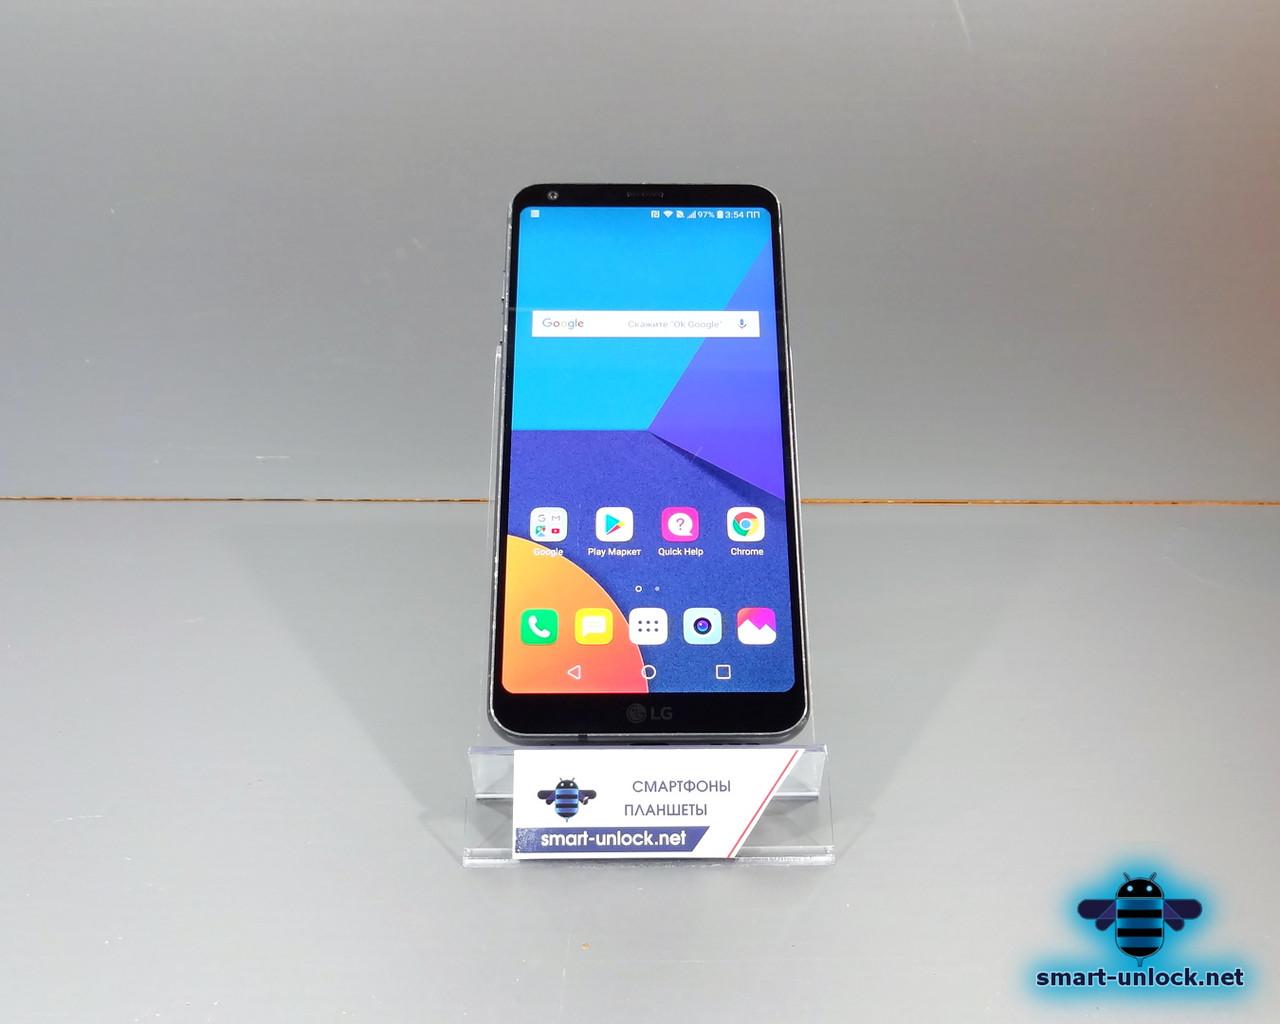 Телефон, смартфон LG G6 Покупка без риска, гарантия!